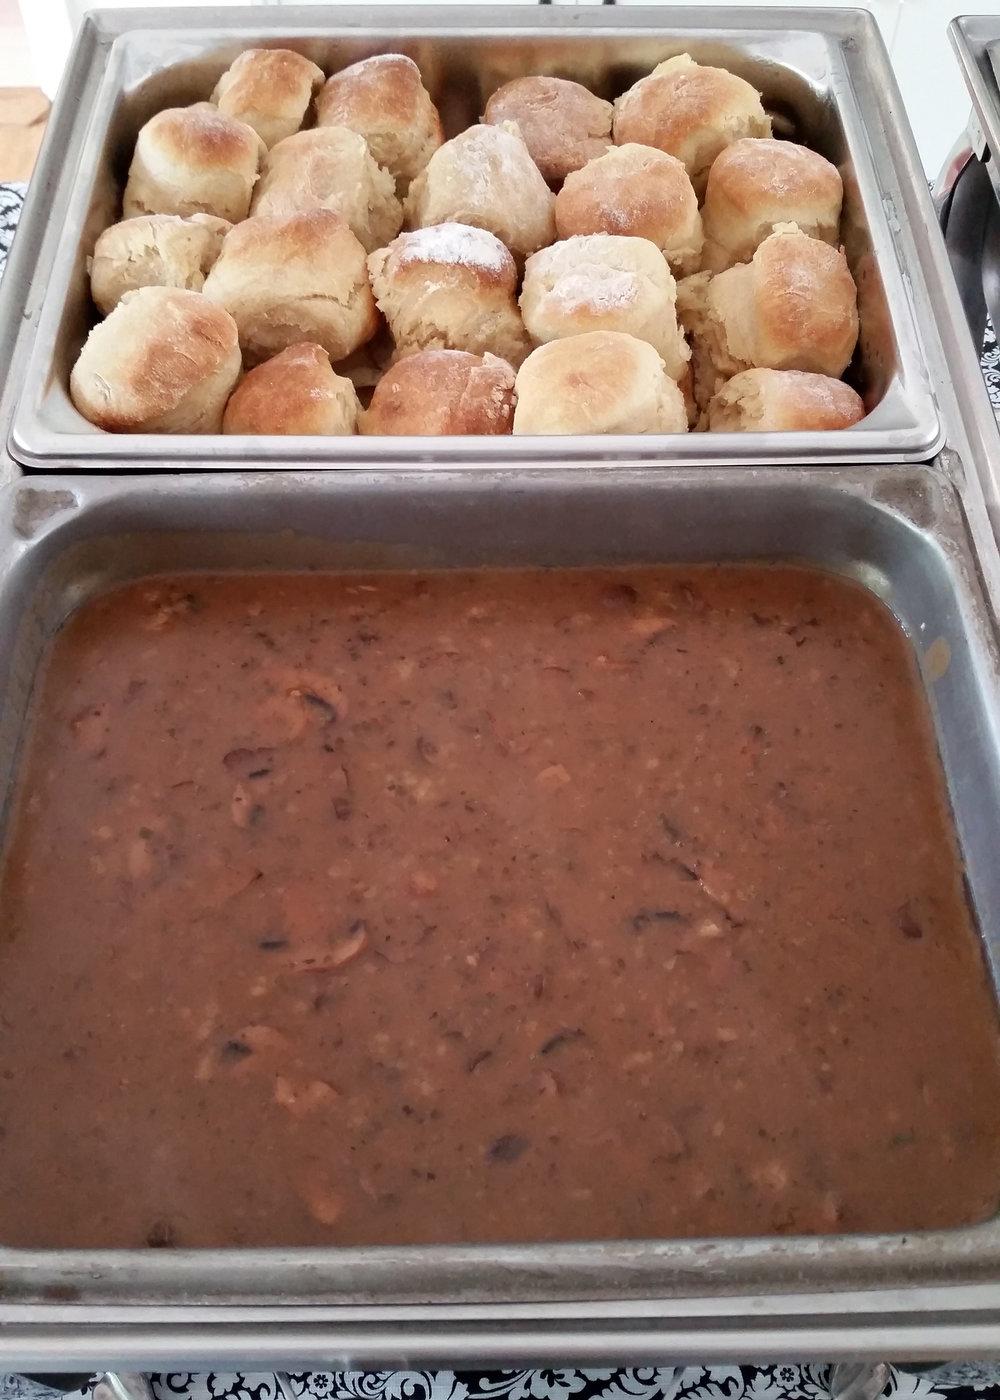 biscuits-gravy3-20160814.jpg